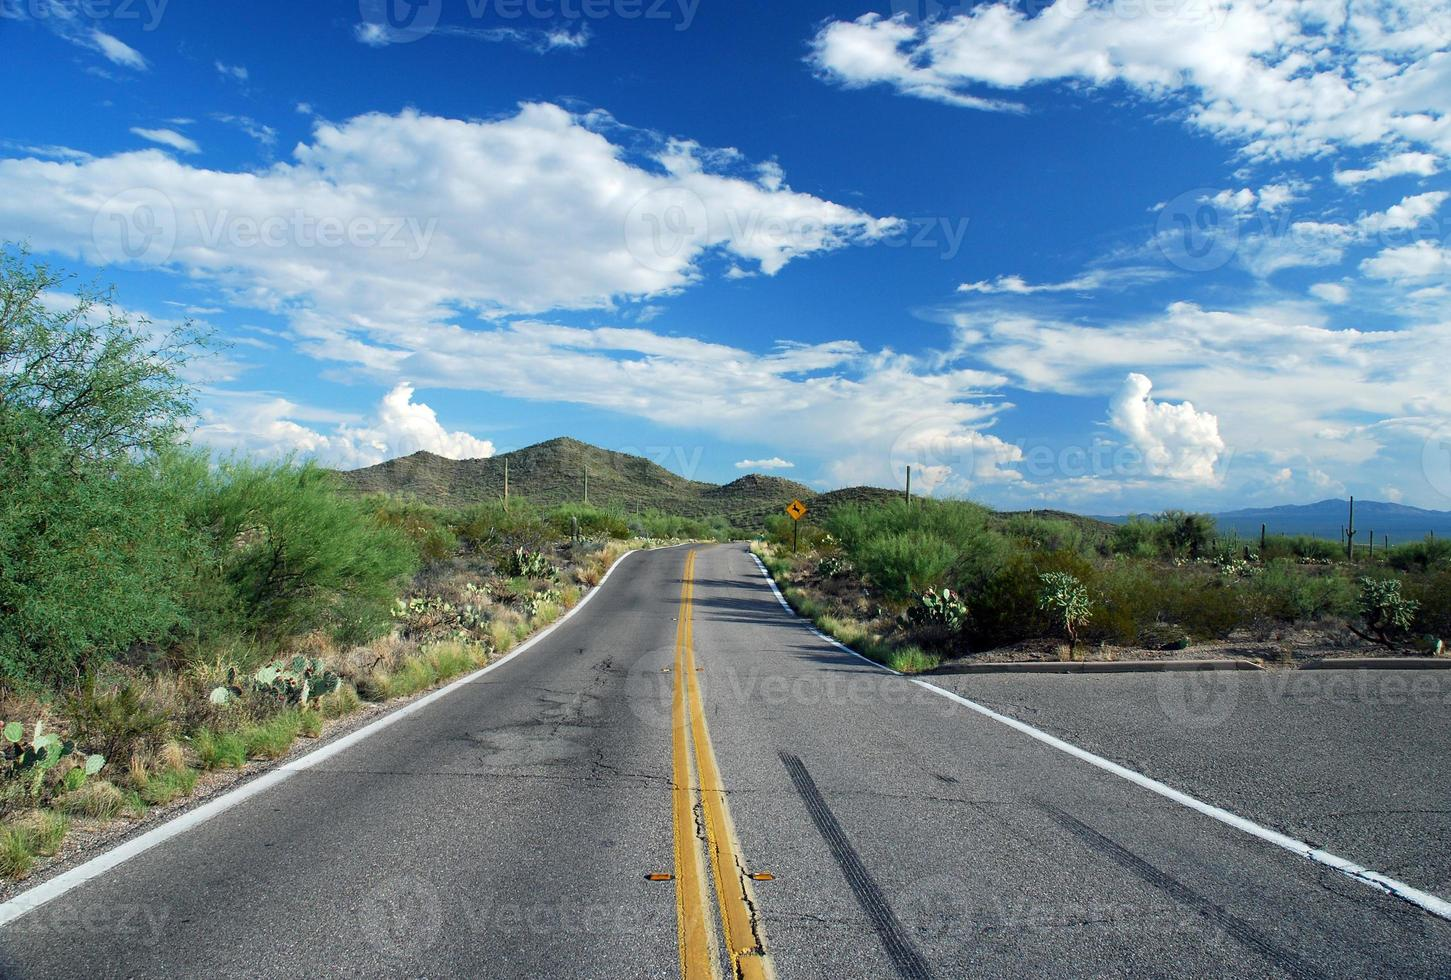 autostrada del deserto Tucson foto